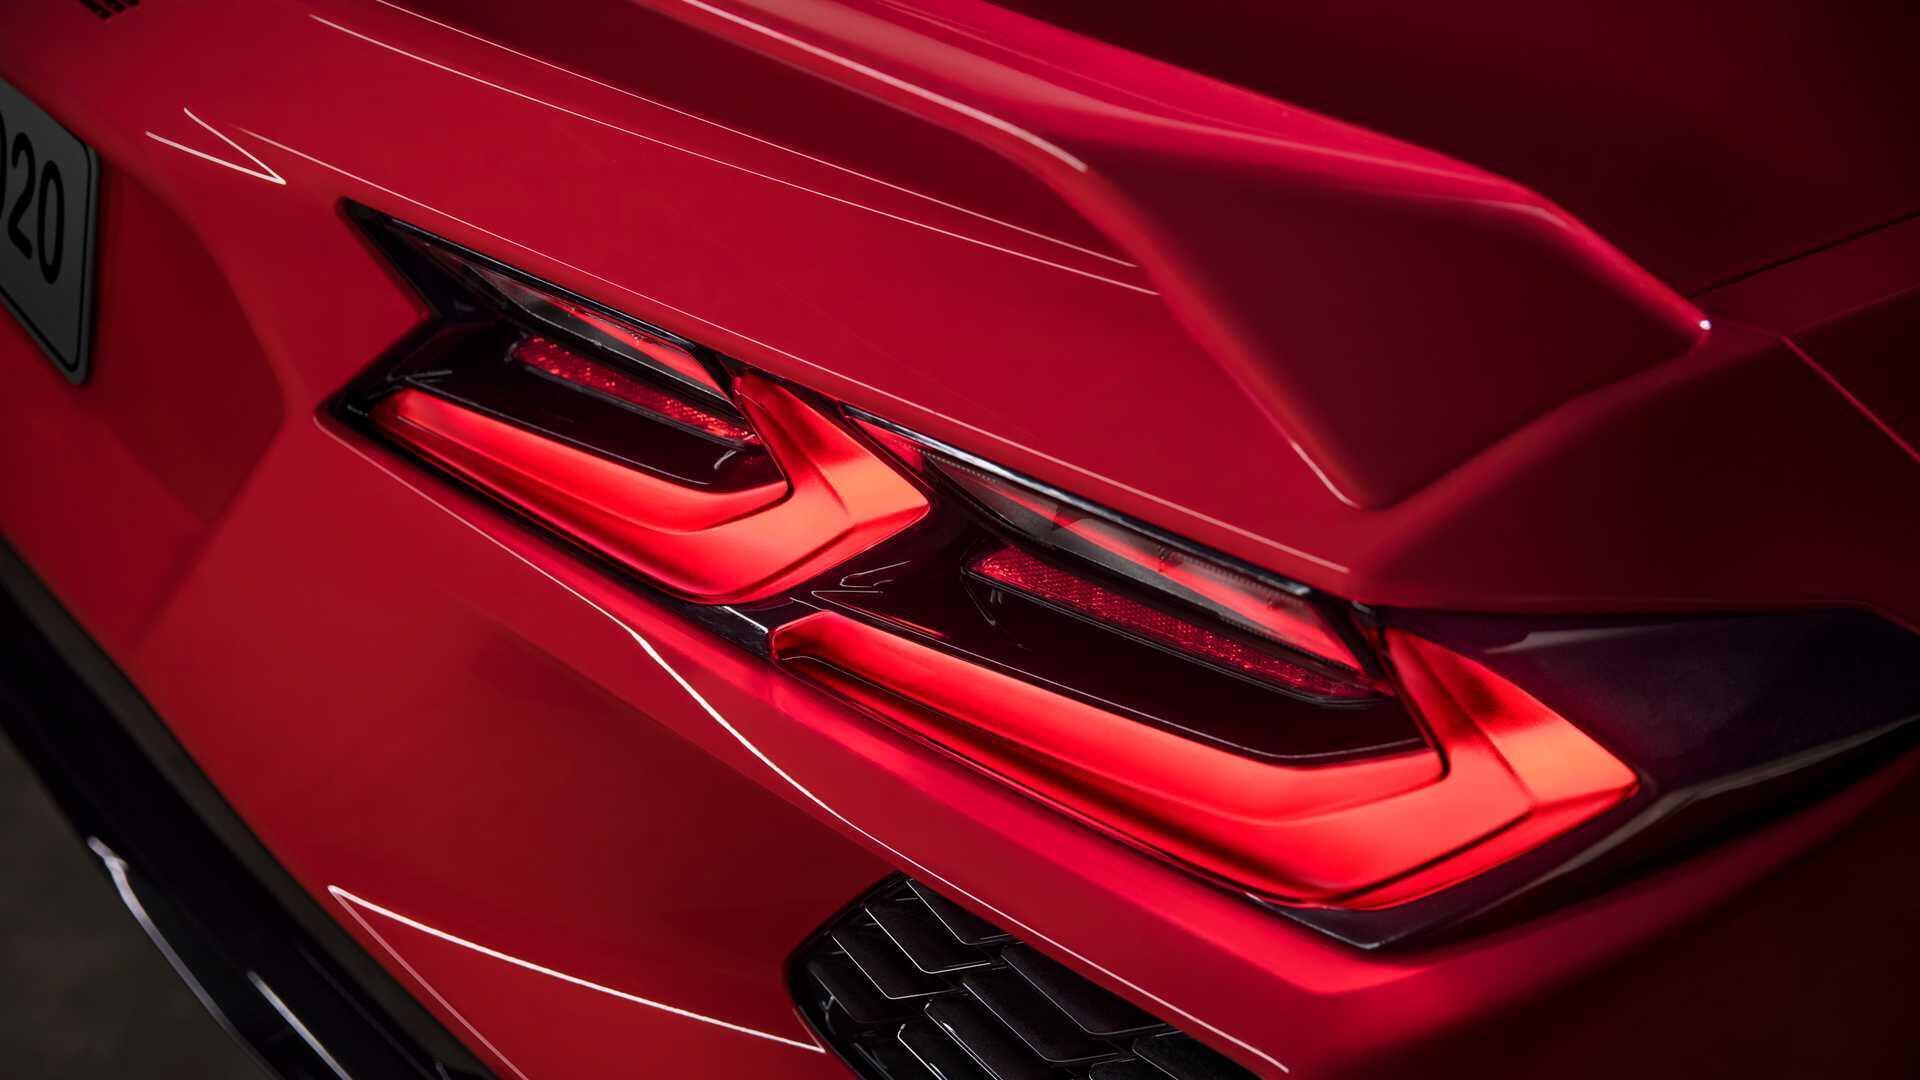 https://cdn.dailyxe.com.vn/image/chevrolet-corvette-2020-co-mot-so-tinh-nang-an-tuyet-voi-74-94575j2.jpg